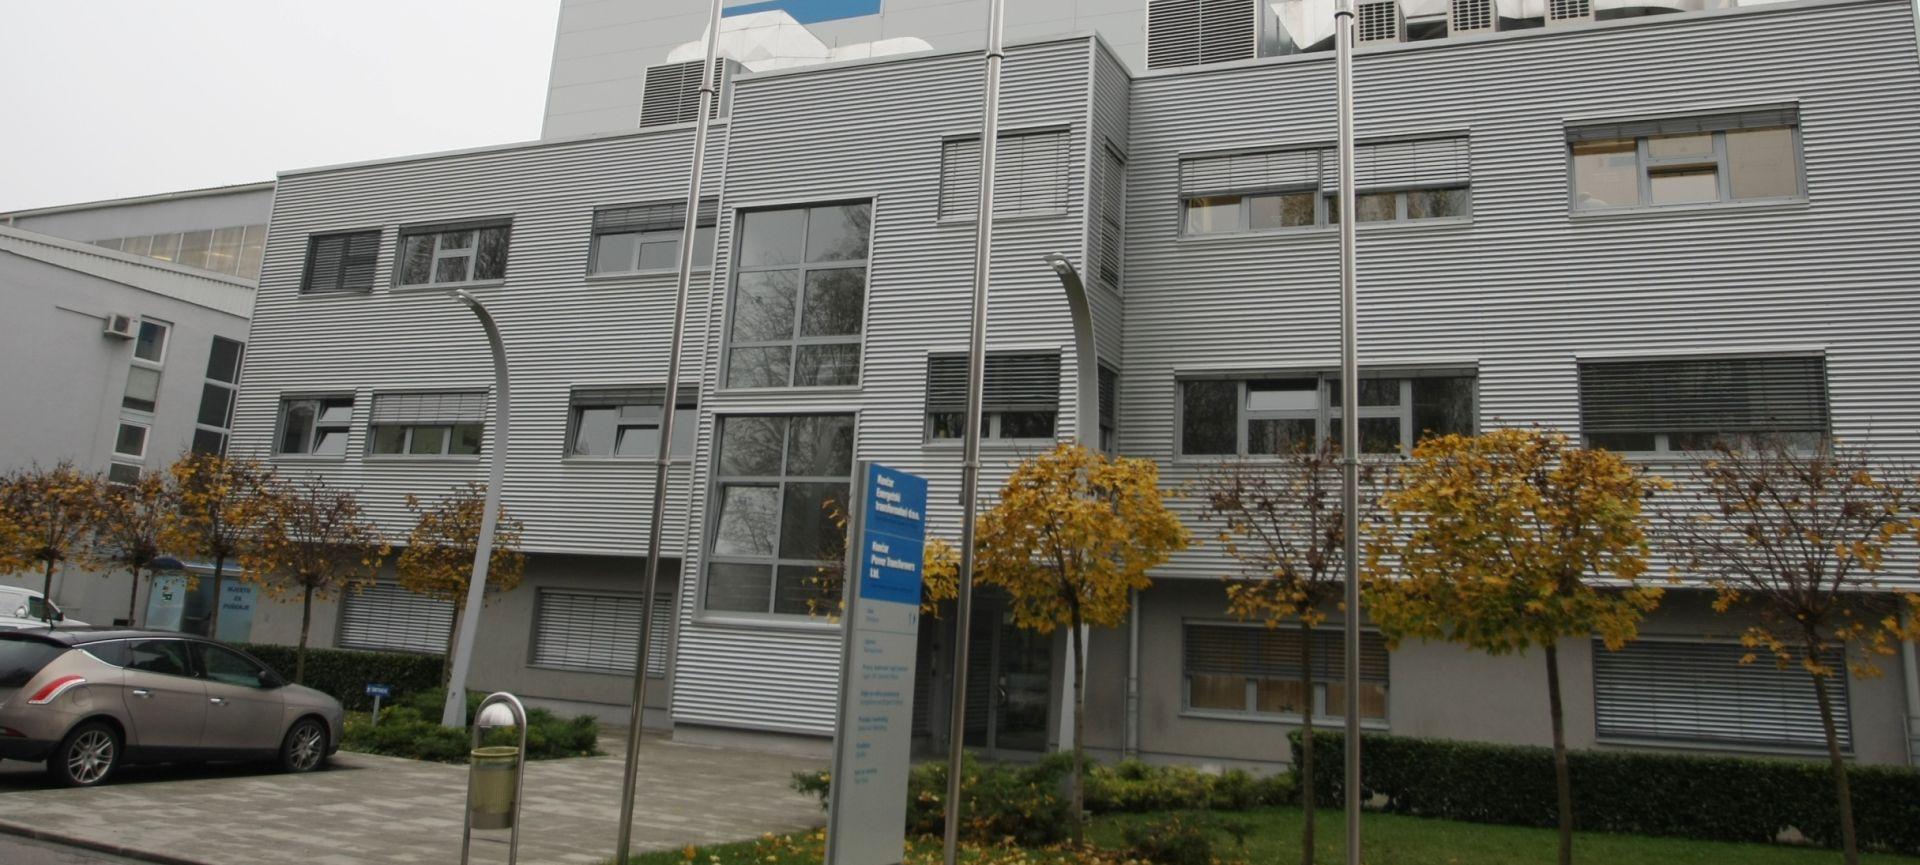 Končar na zahtjev CERP-a odgađa skupštinu zbog prodaje državnog udjela